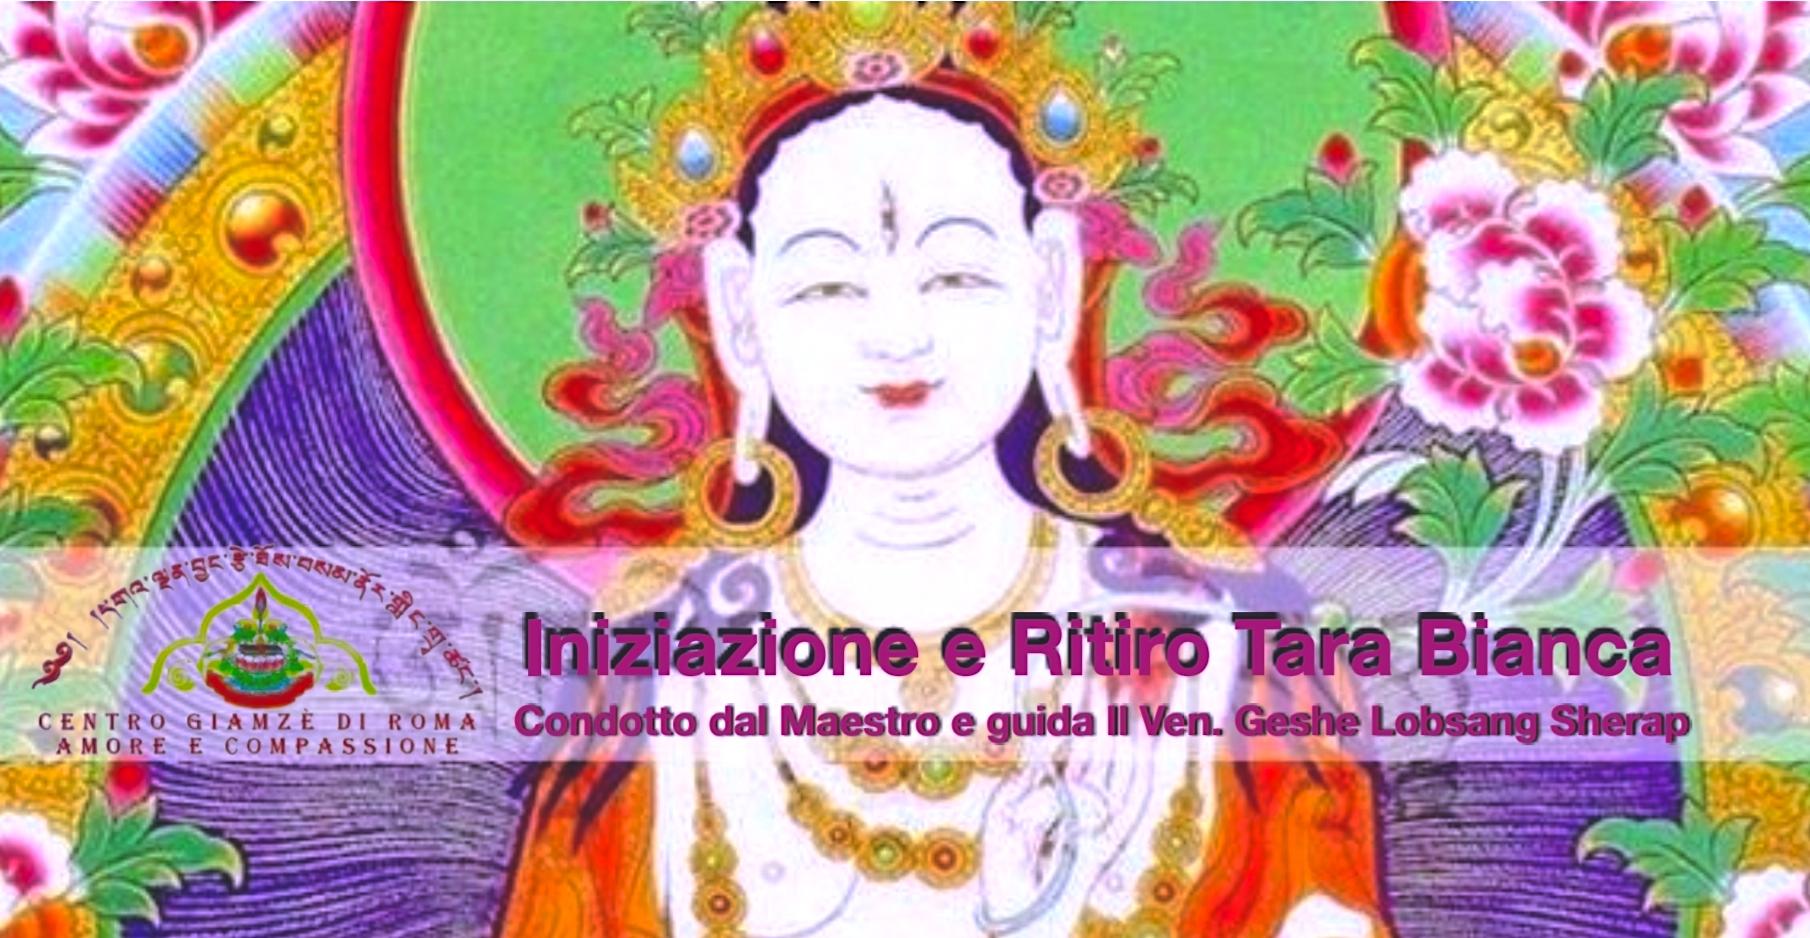 """Al Centro Giamze' di Roma """"Iniziazione e Ritiro di Tara Bianca"""" – Condotto dal Maestro e Guida Il Ven. Geshe Lobsang Sherap"""